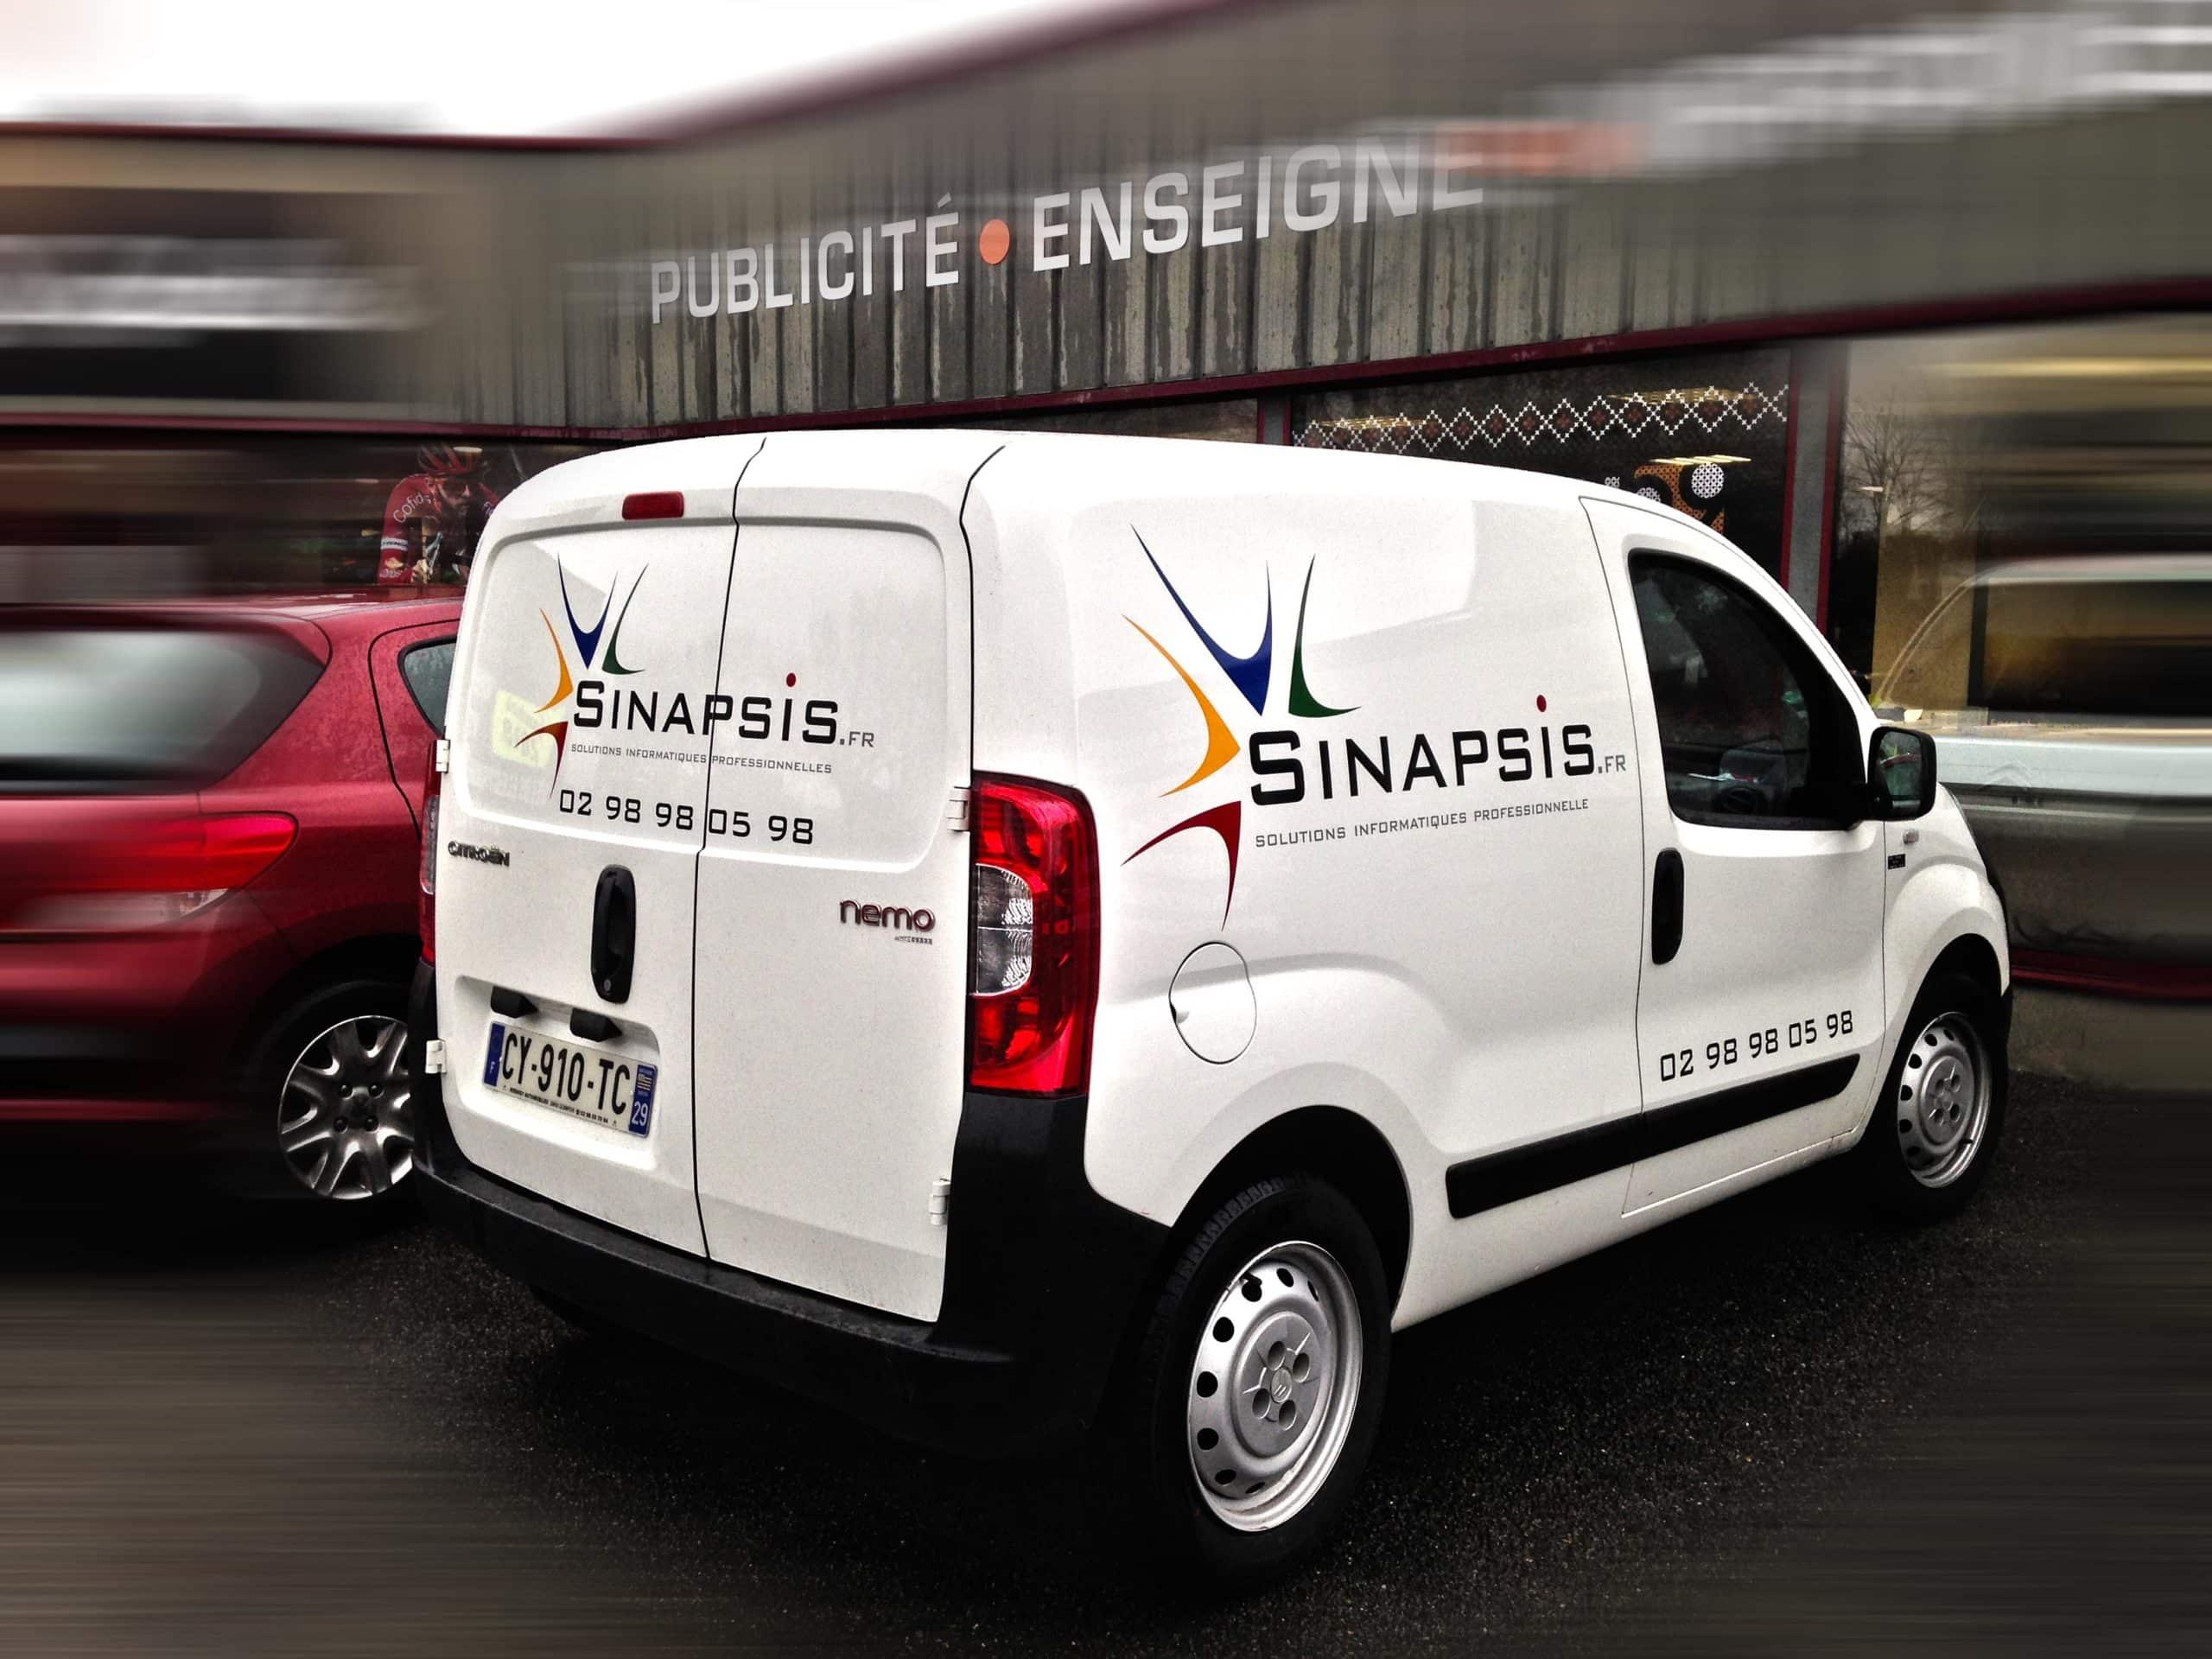 Marquage adhésif sur véhicule - Sinapsis